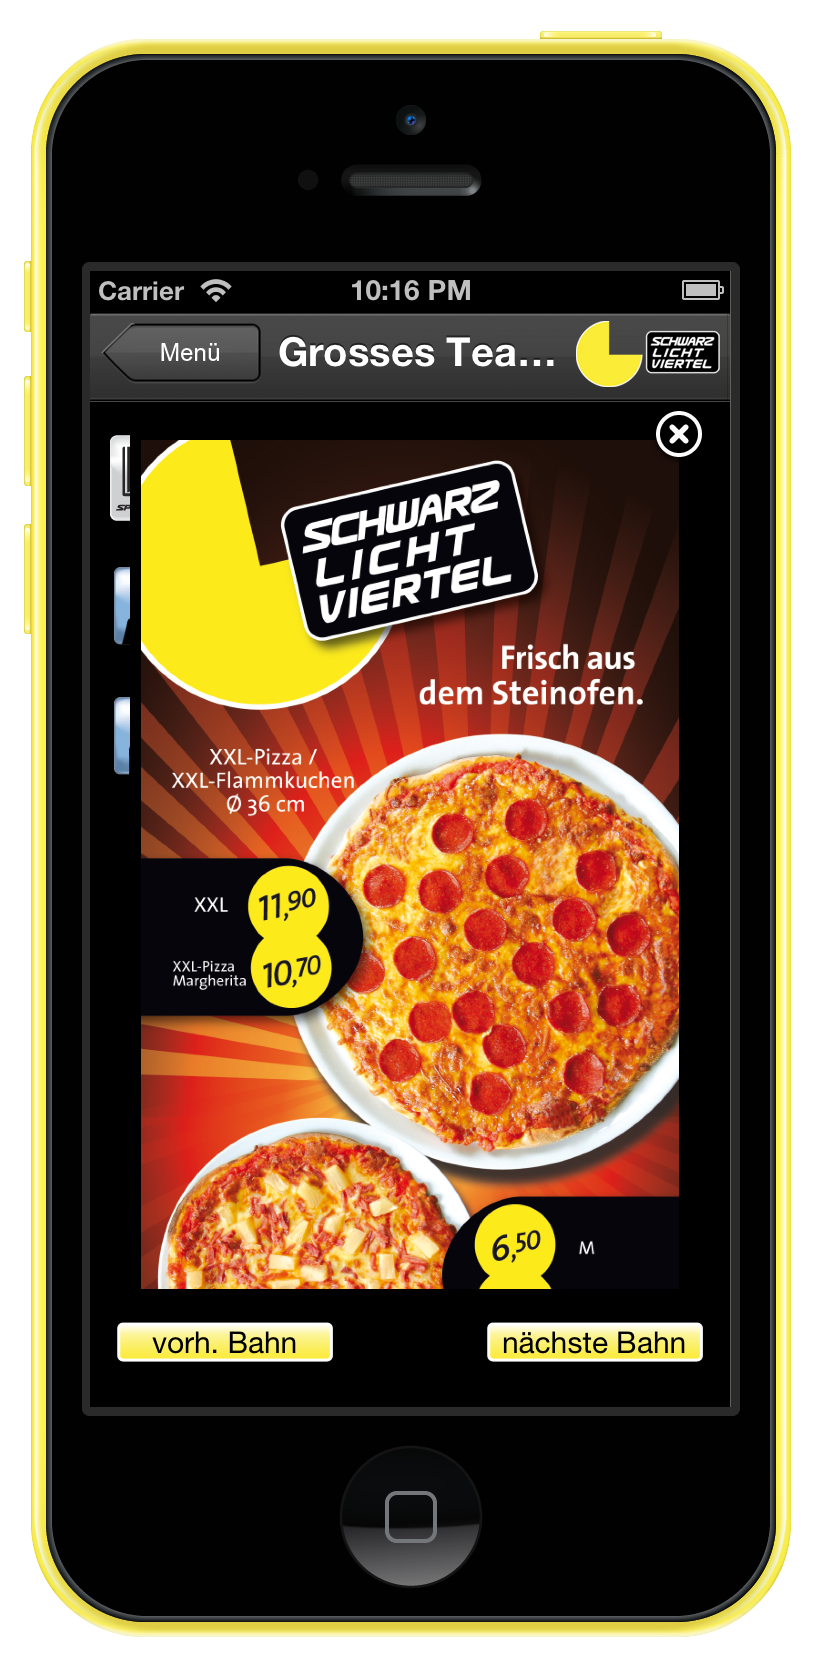 Schwarzlichtviertel_Advertisements.png